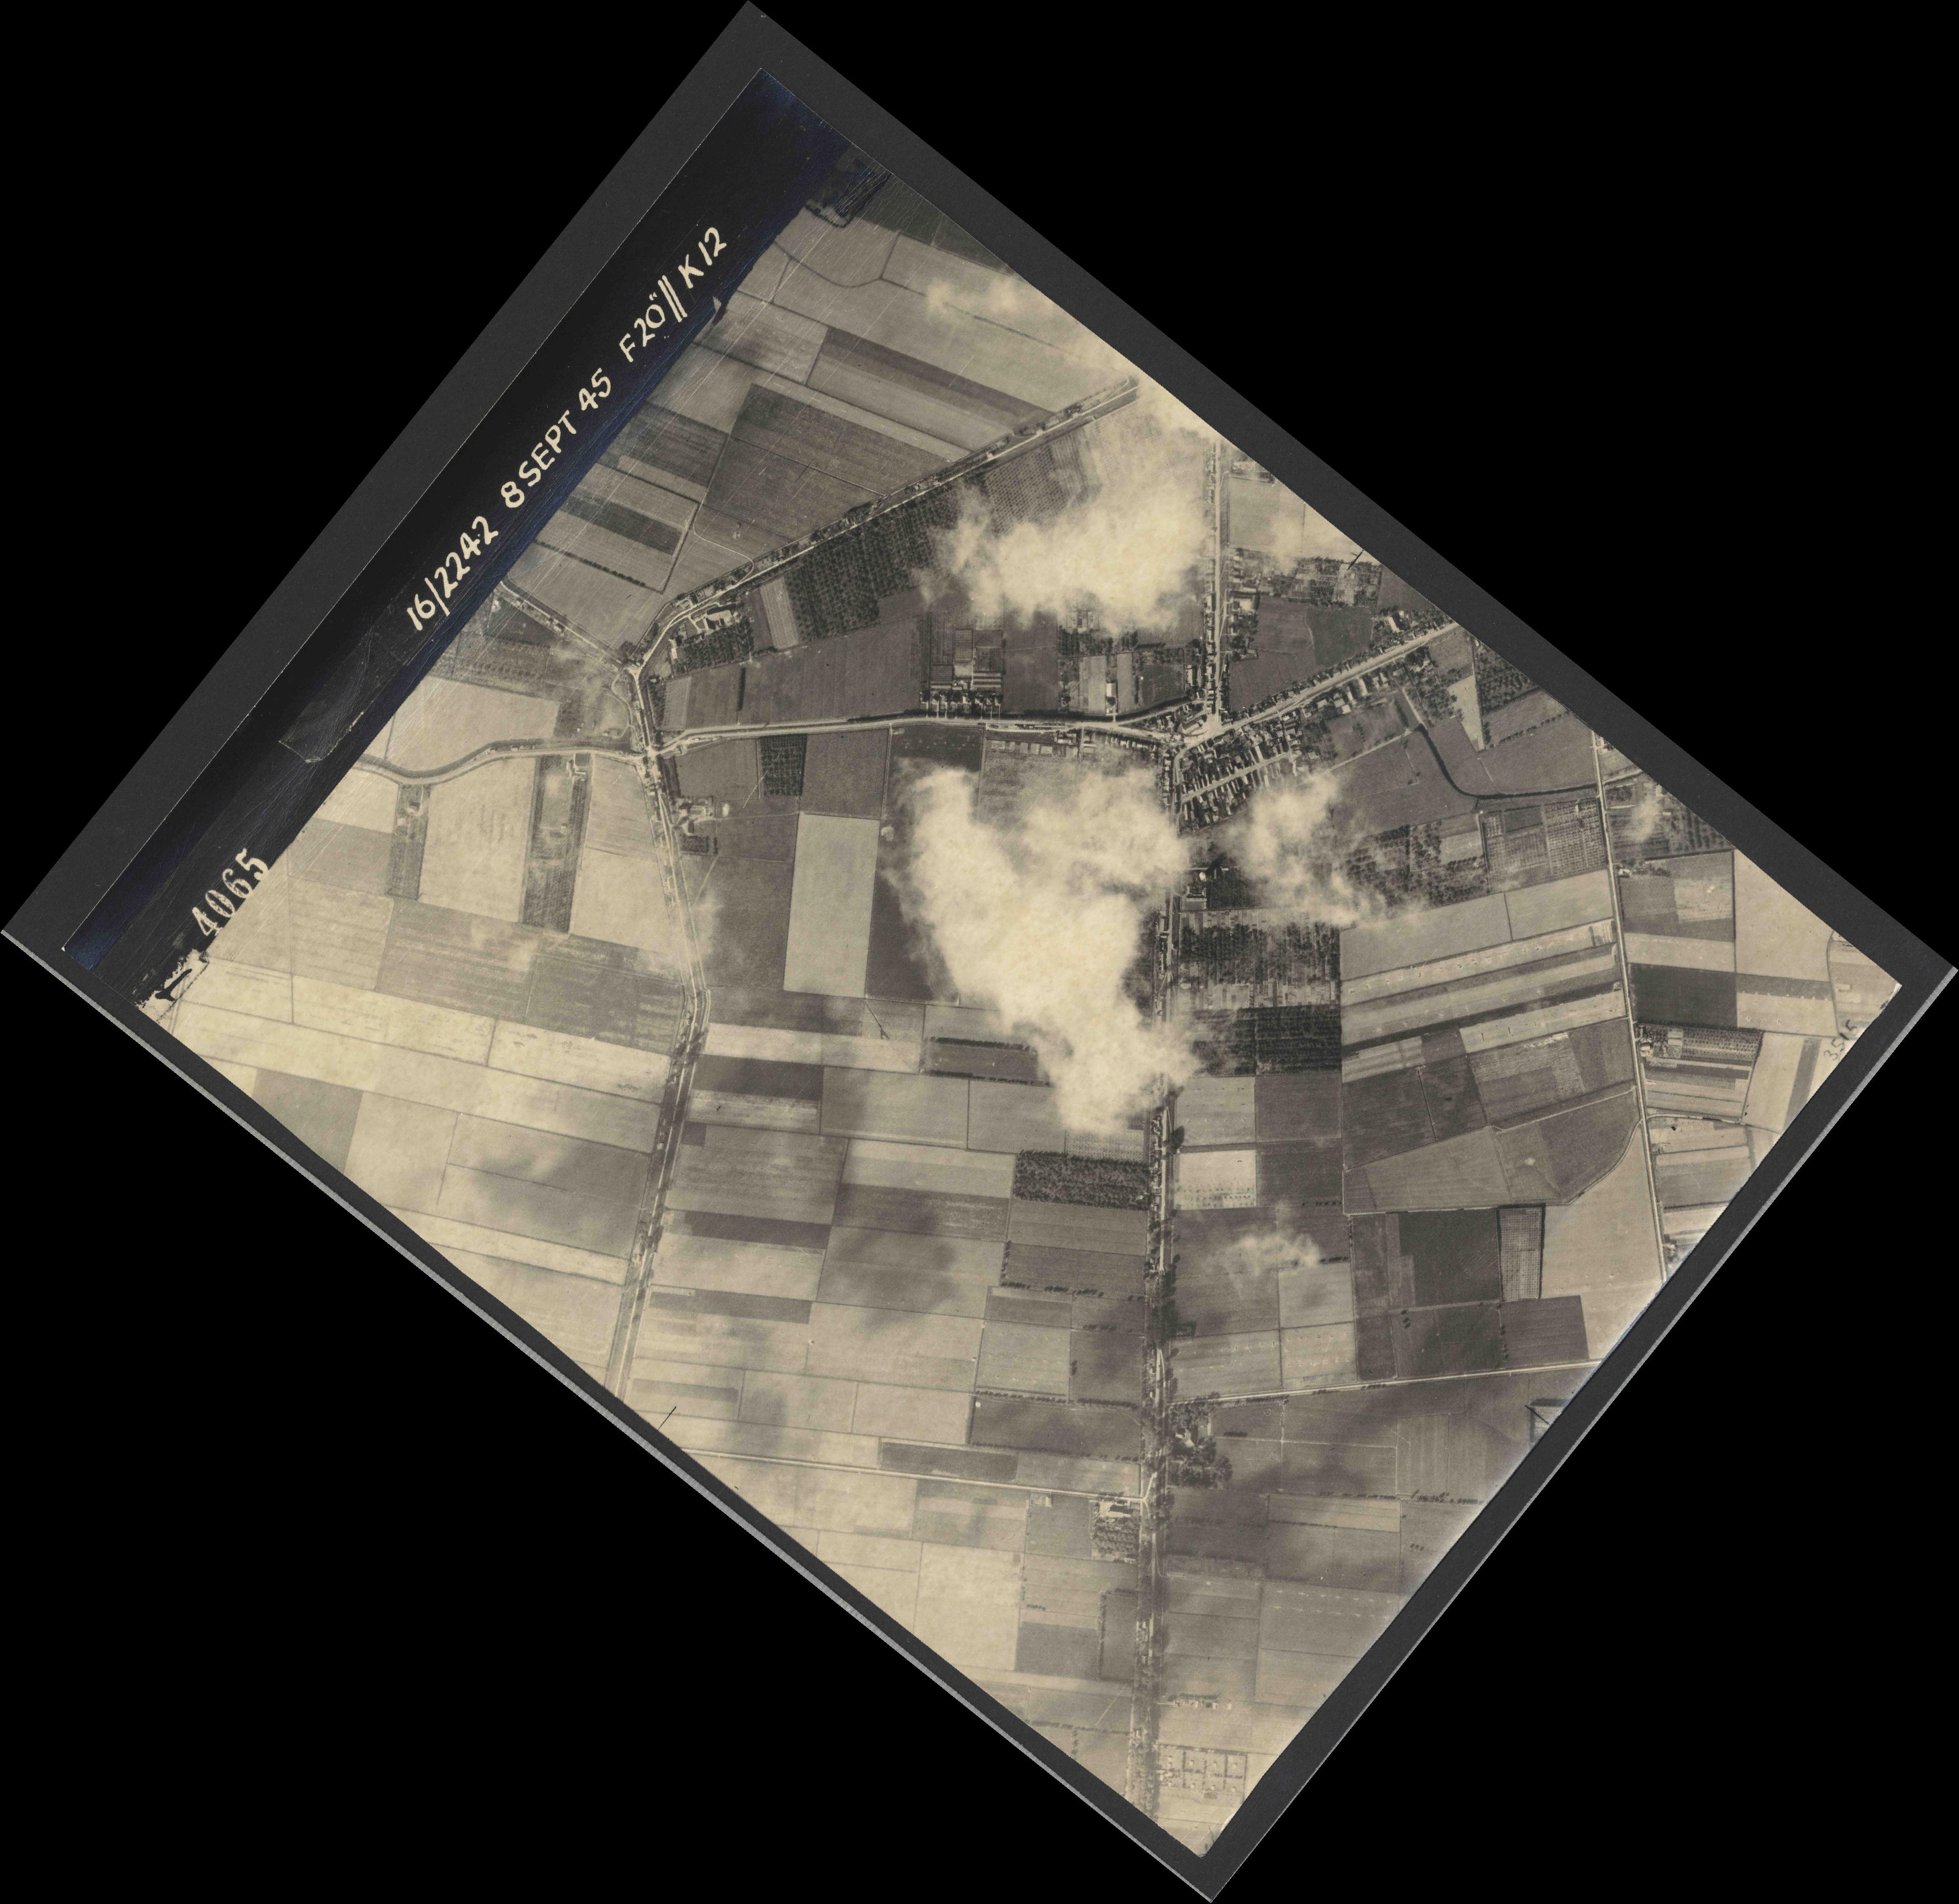 Collection RAF aerial photos 1940-1945 - flight 036, run 10, photo 4065